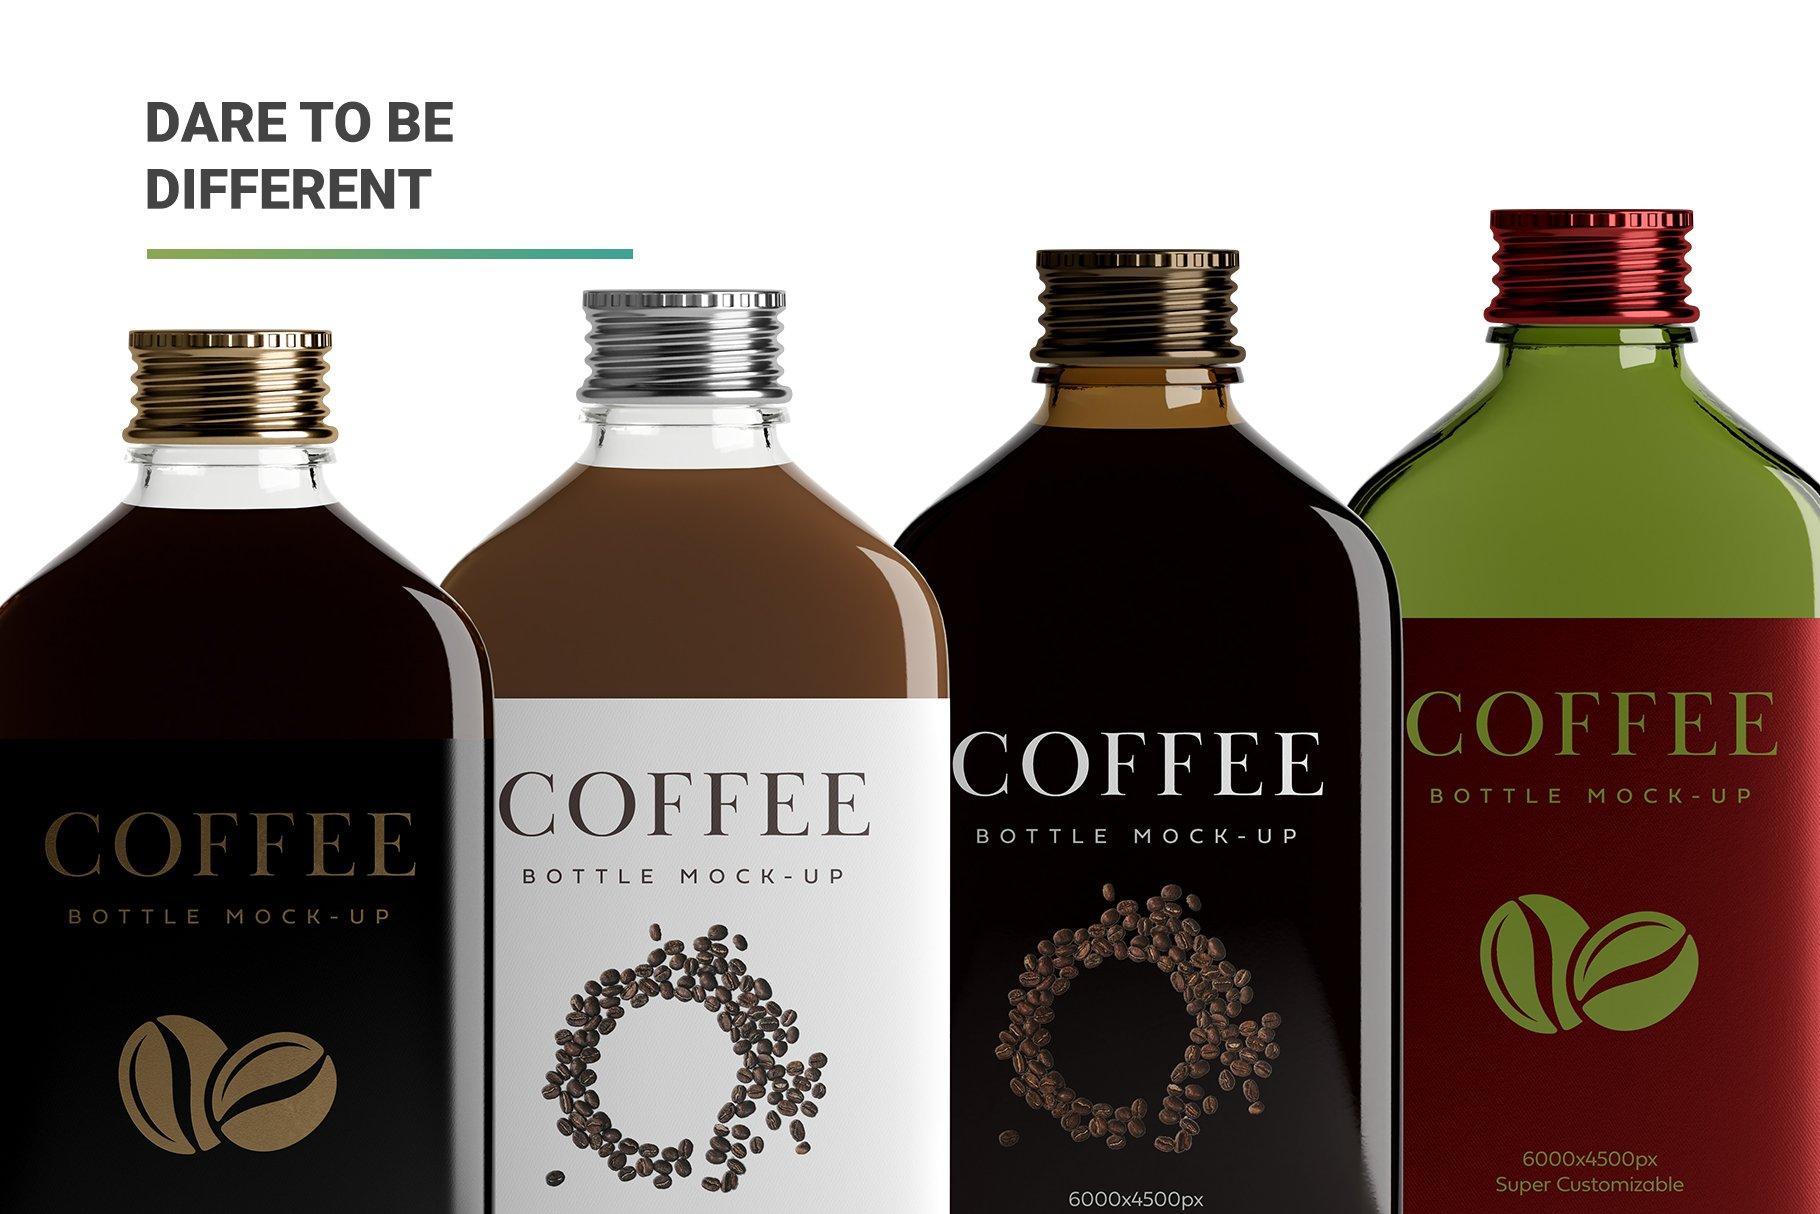 高品质冷冲咖啡包装瓶标签设计贴图样机 Coffee Bottle Mockup插图10